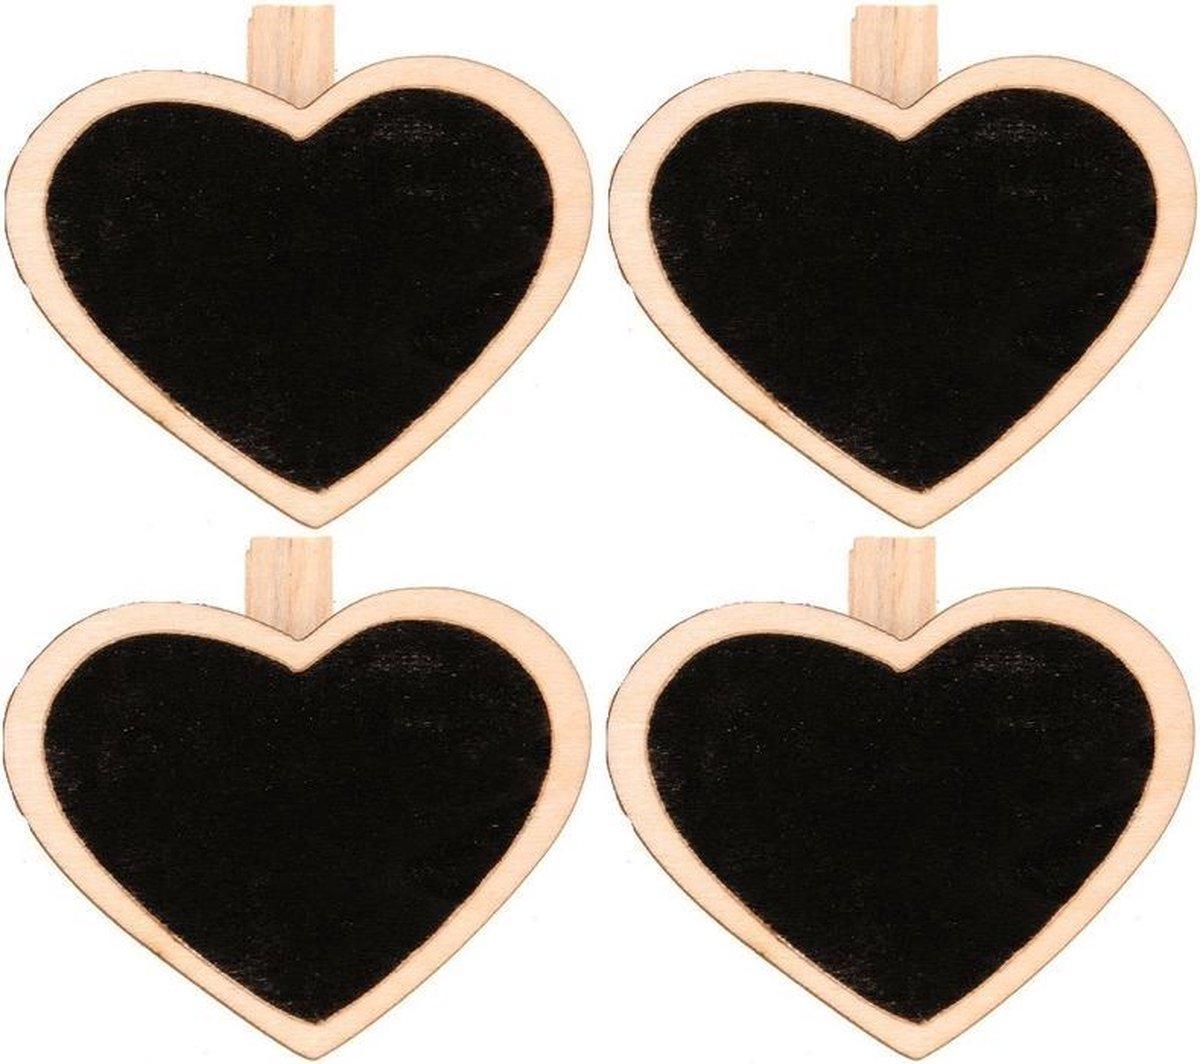 Merkloos / Sans marque 12x stuks Houten mini krijtbordjes/schrijfbordjes/memobordjes/naambordjes hartjes vorm op knijper 5 cm online kopen